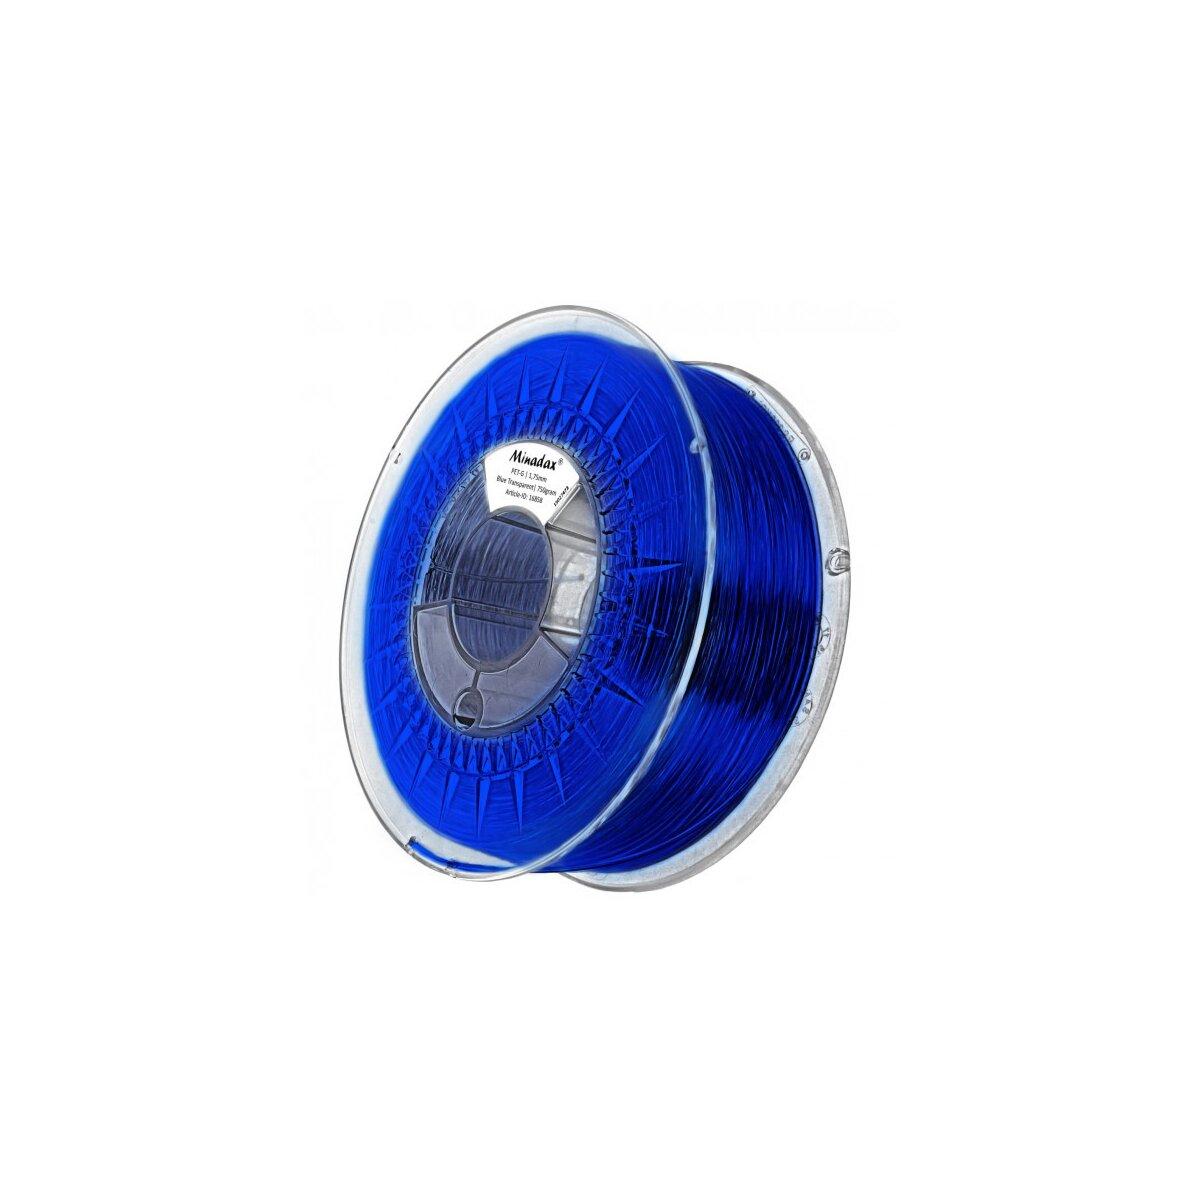 Minadax® 0,75kg Premium Qualitaet 1,75mm PET-G Filament blau transparent fuer 3D-Drucker hergestellt in Europa